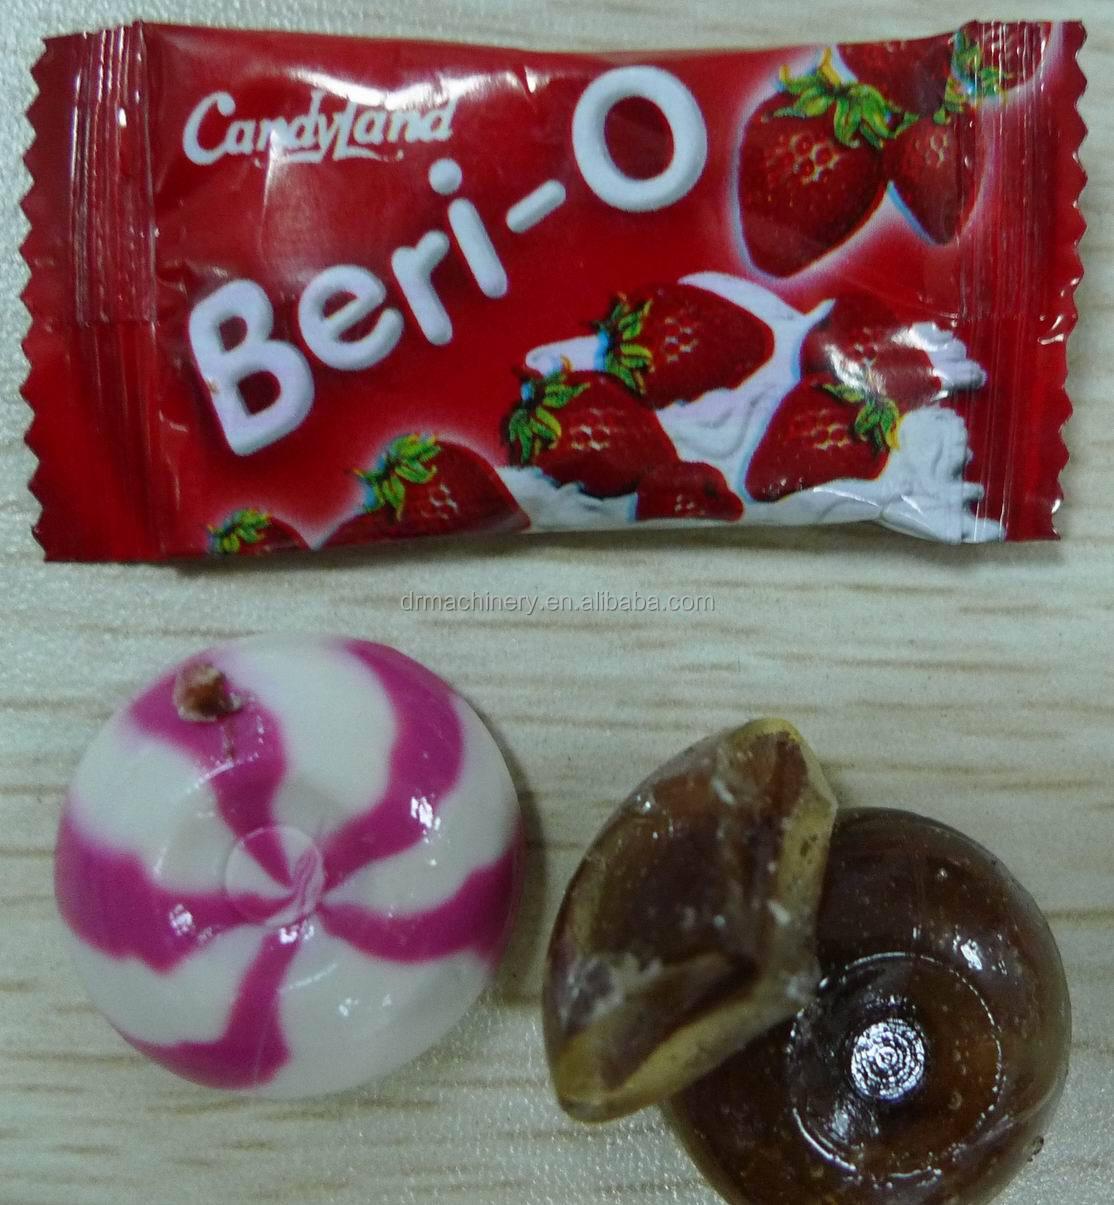 d&r آلة الحلوى